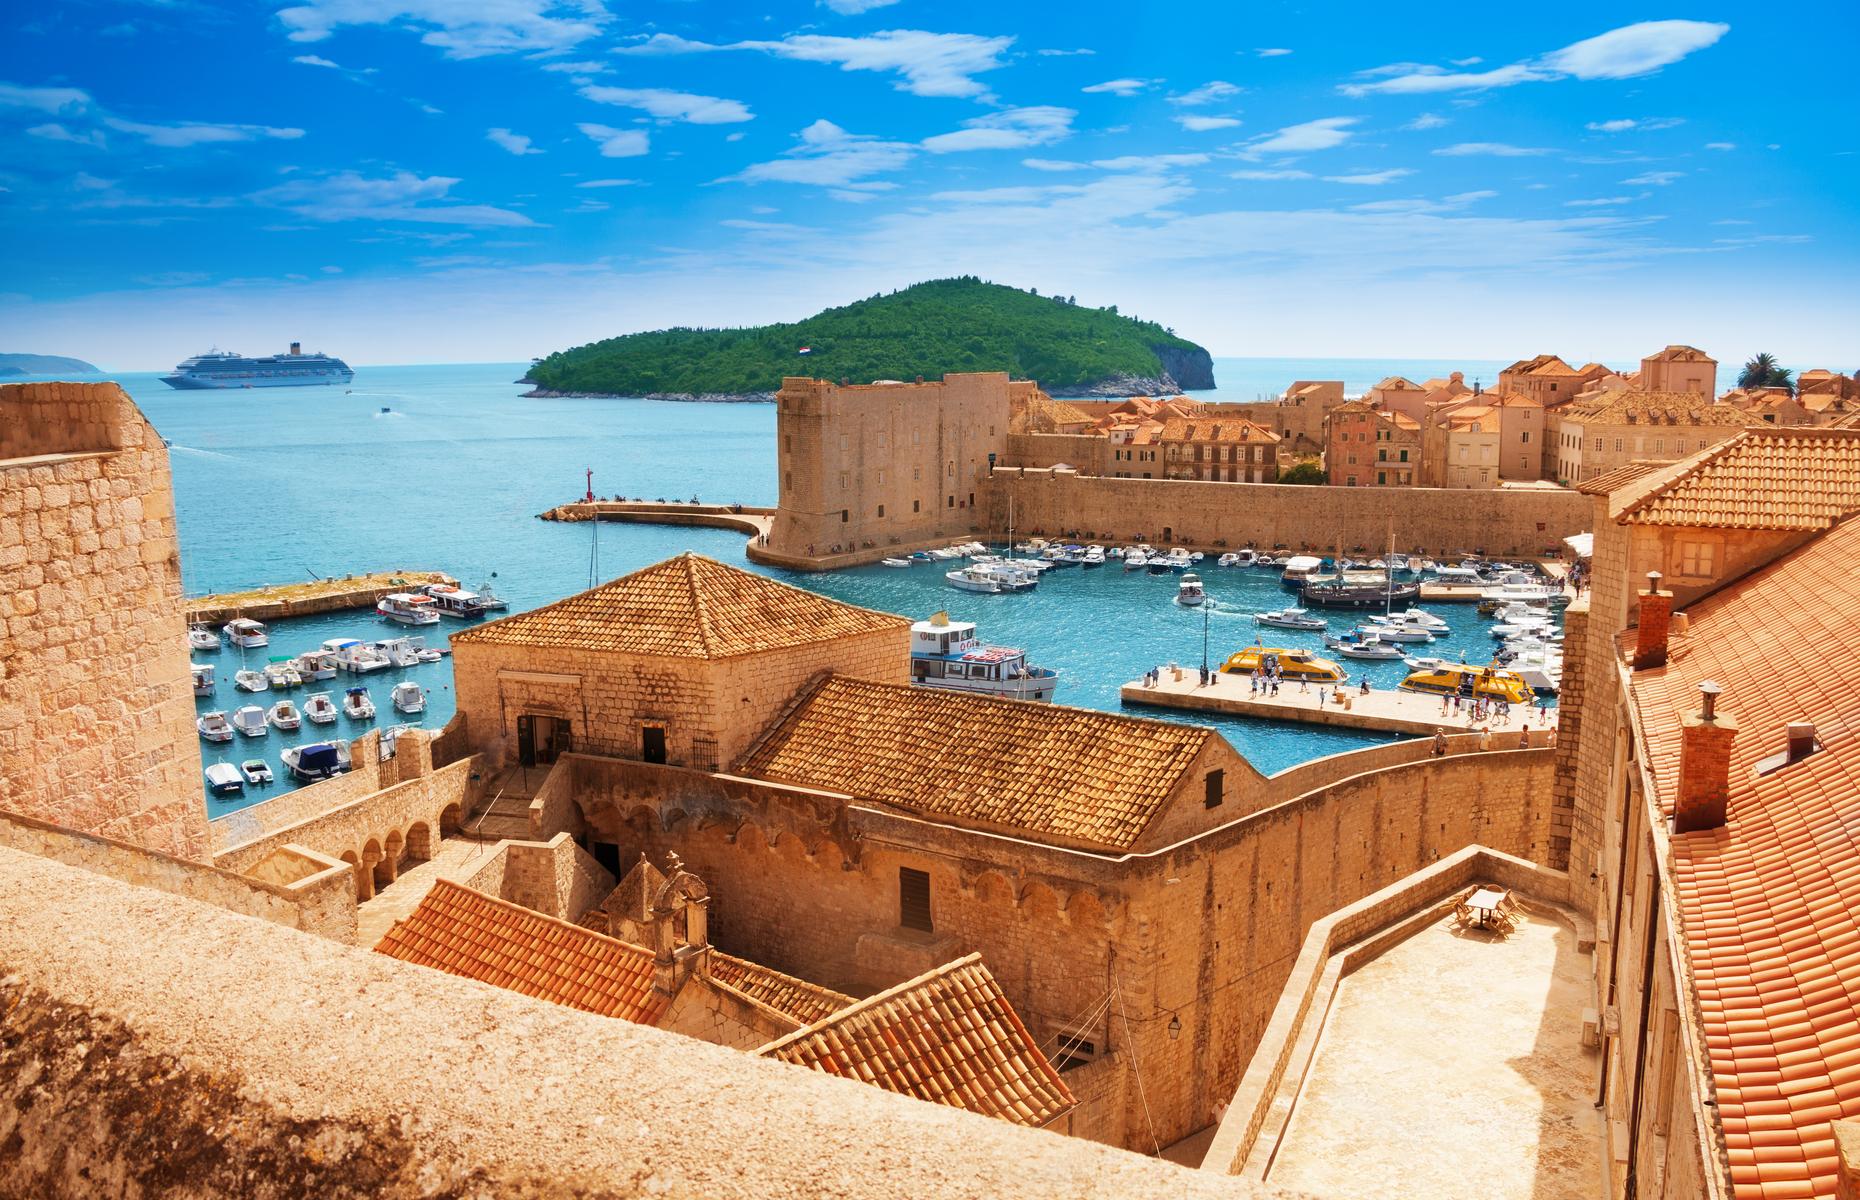 Old walls of Dubrovnik (Image: Sergey Novikov/Shutterstock)